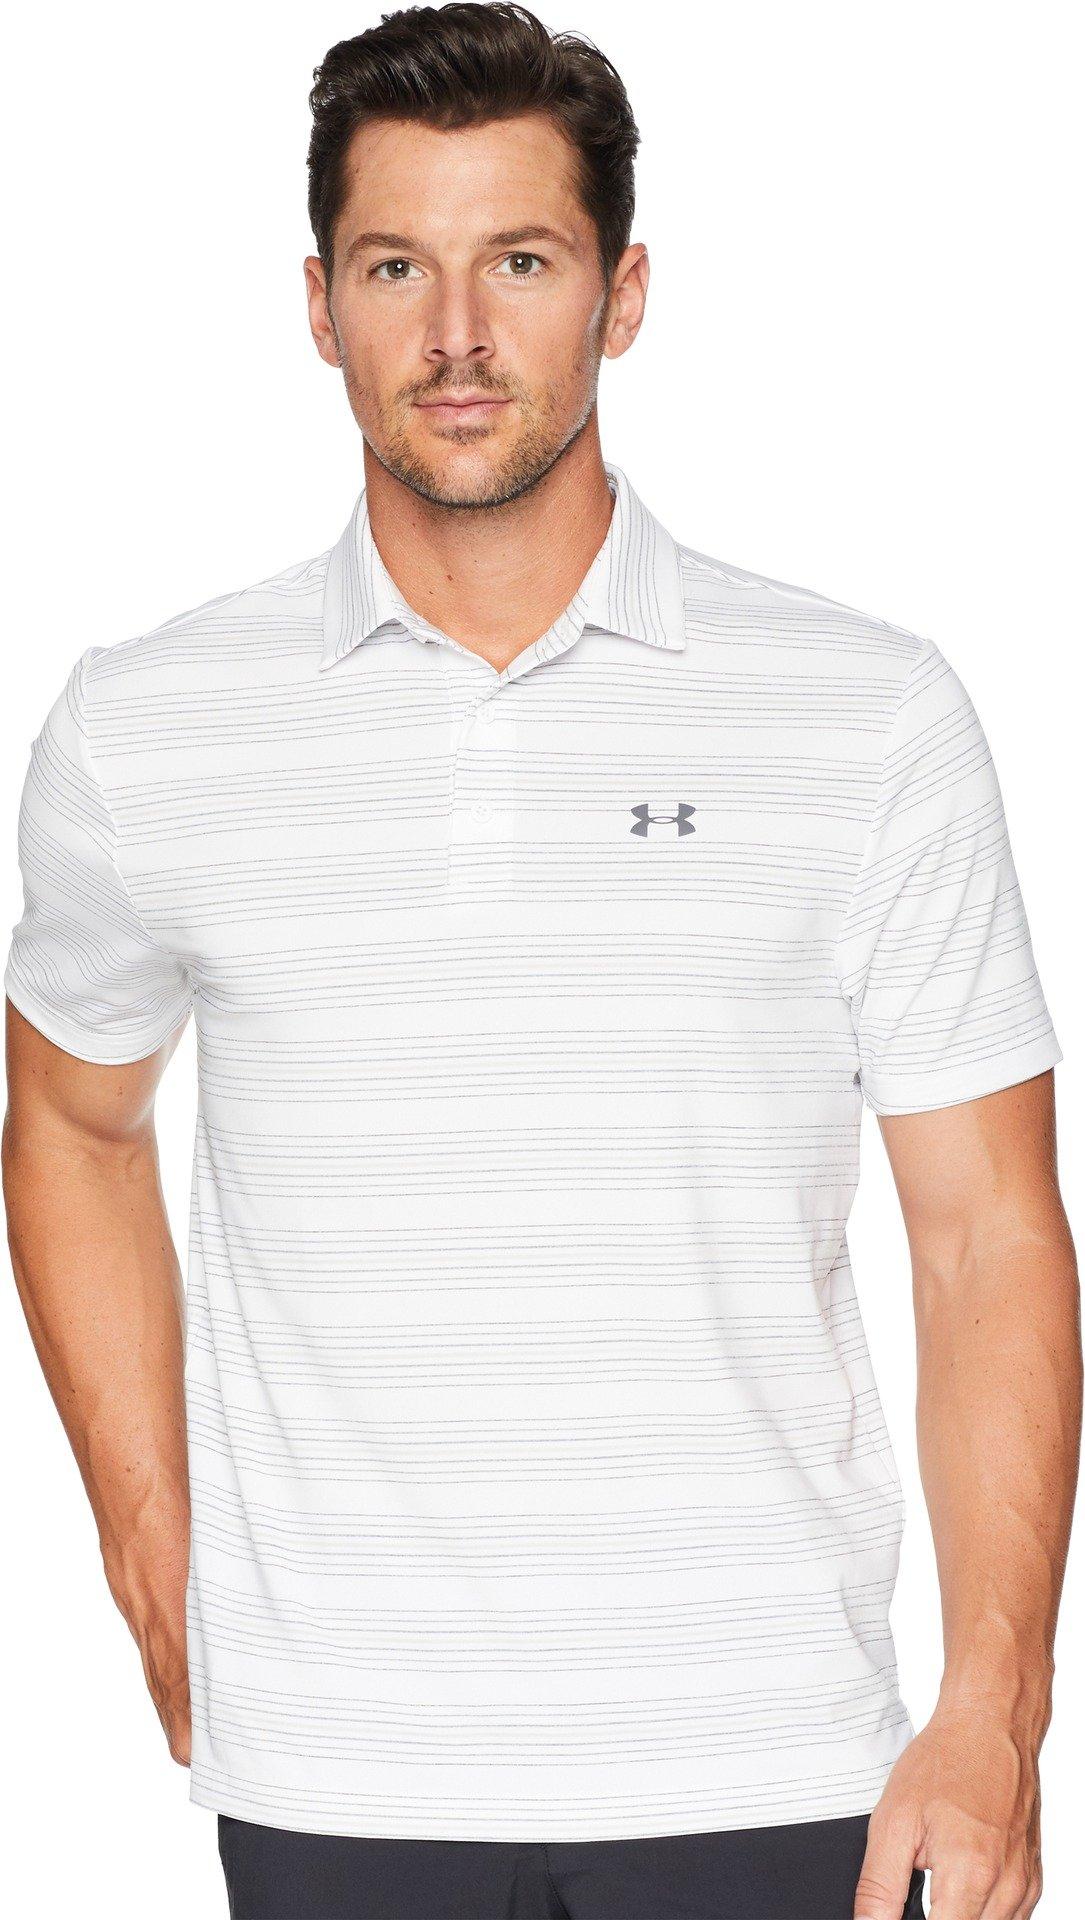 Under Armour Golf Men's UA Playoff Polo White/White/Rhino Gray XX-Large